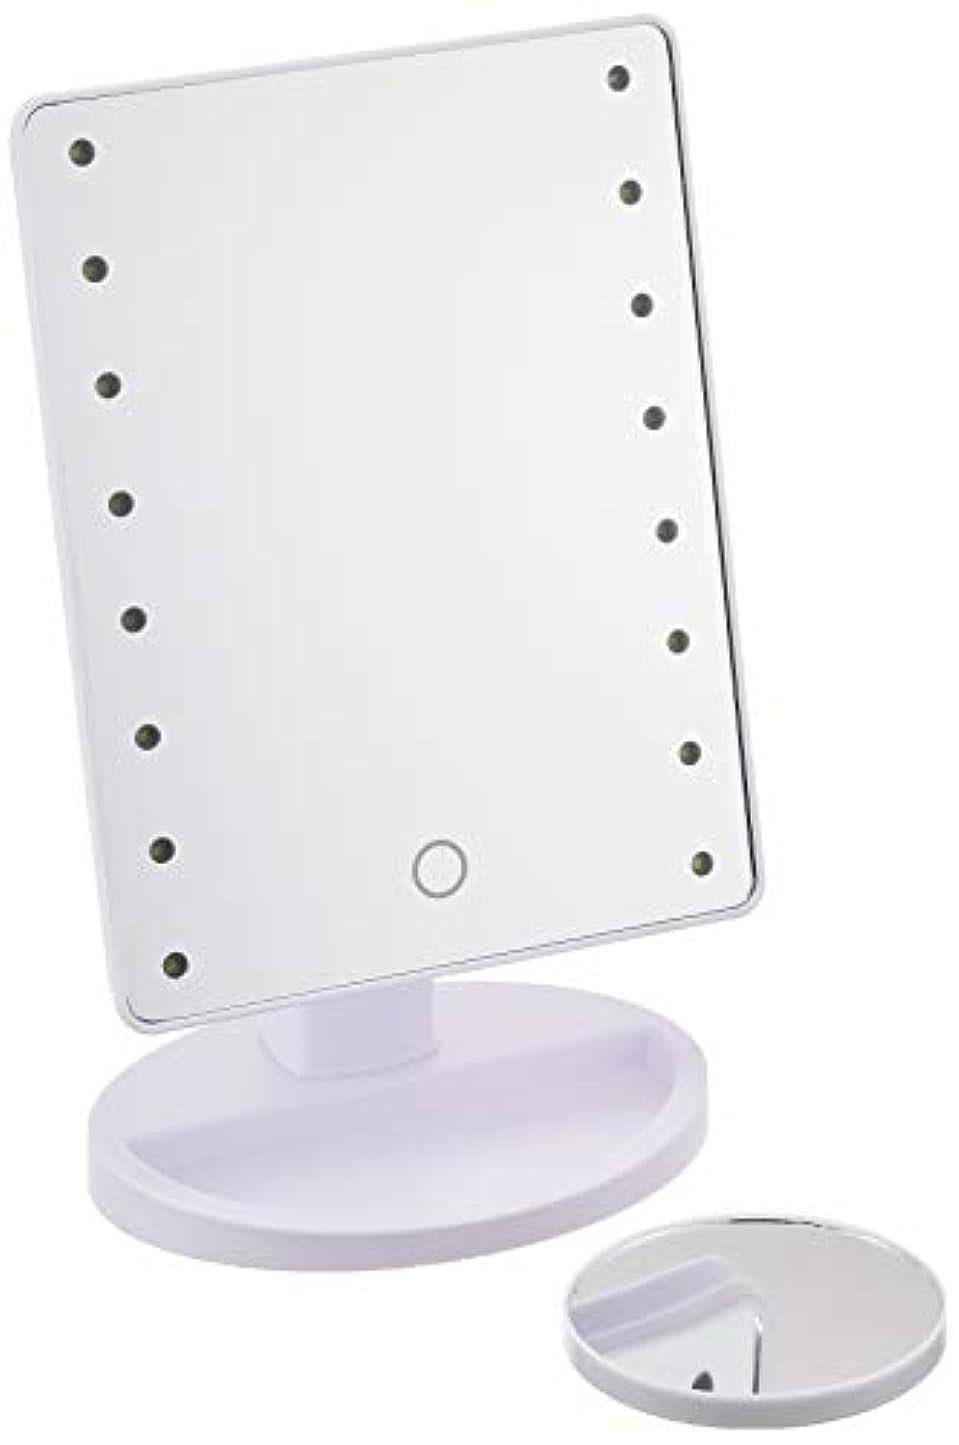 神経衰弱独裁修正するHAC ハック 16LED拡大鏡付きメイクアップミラー